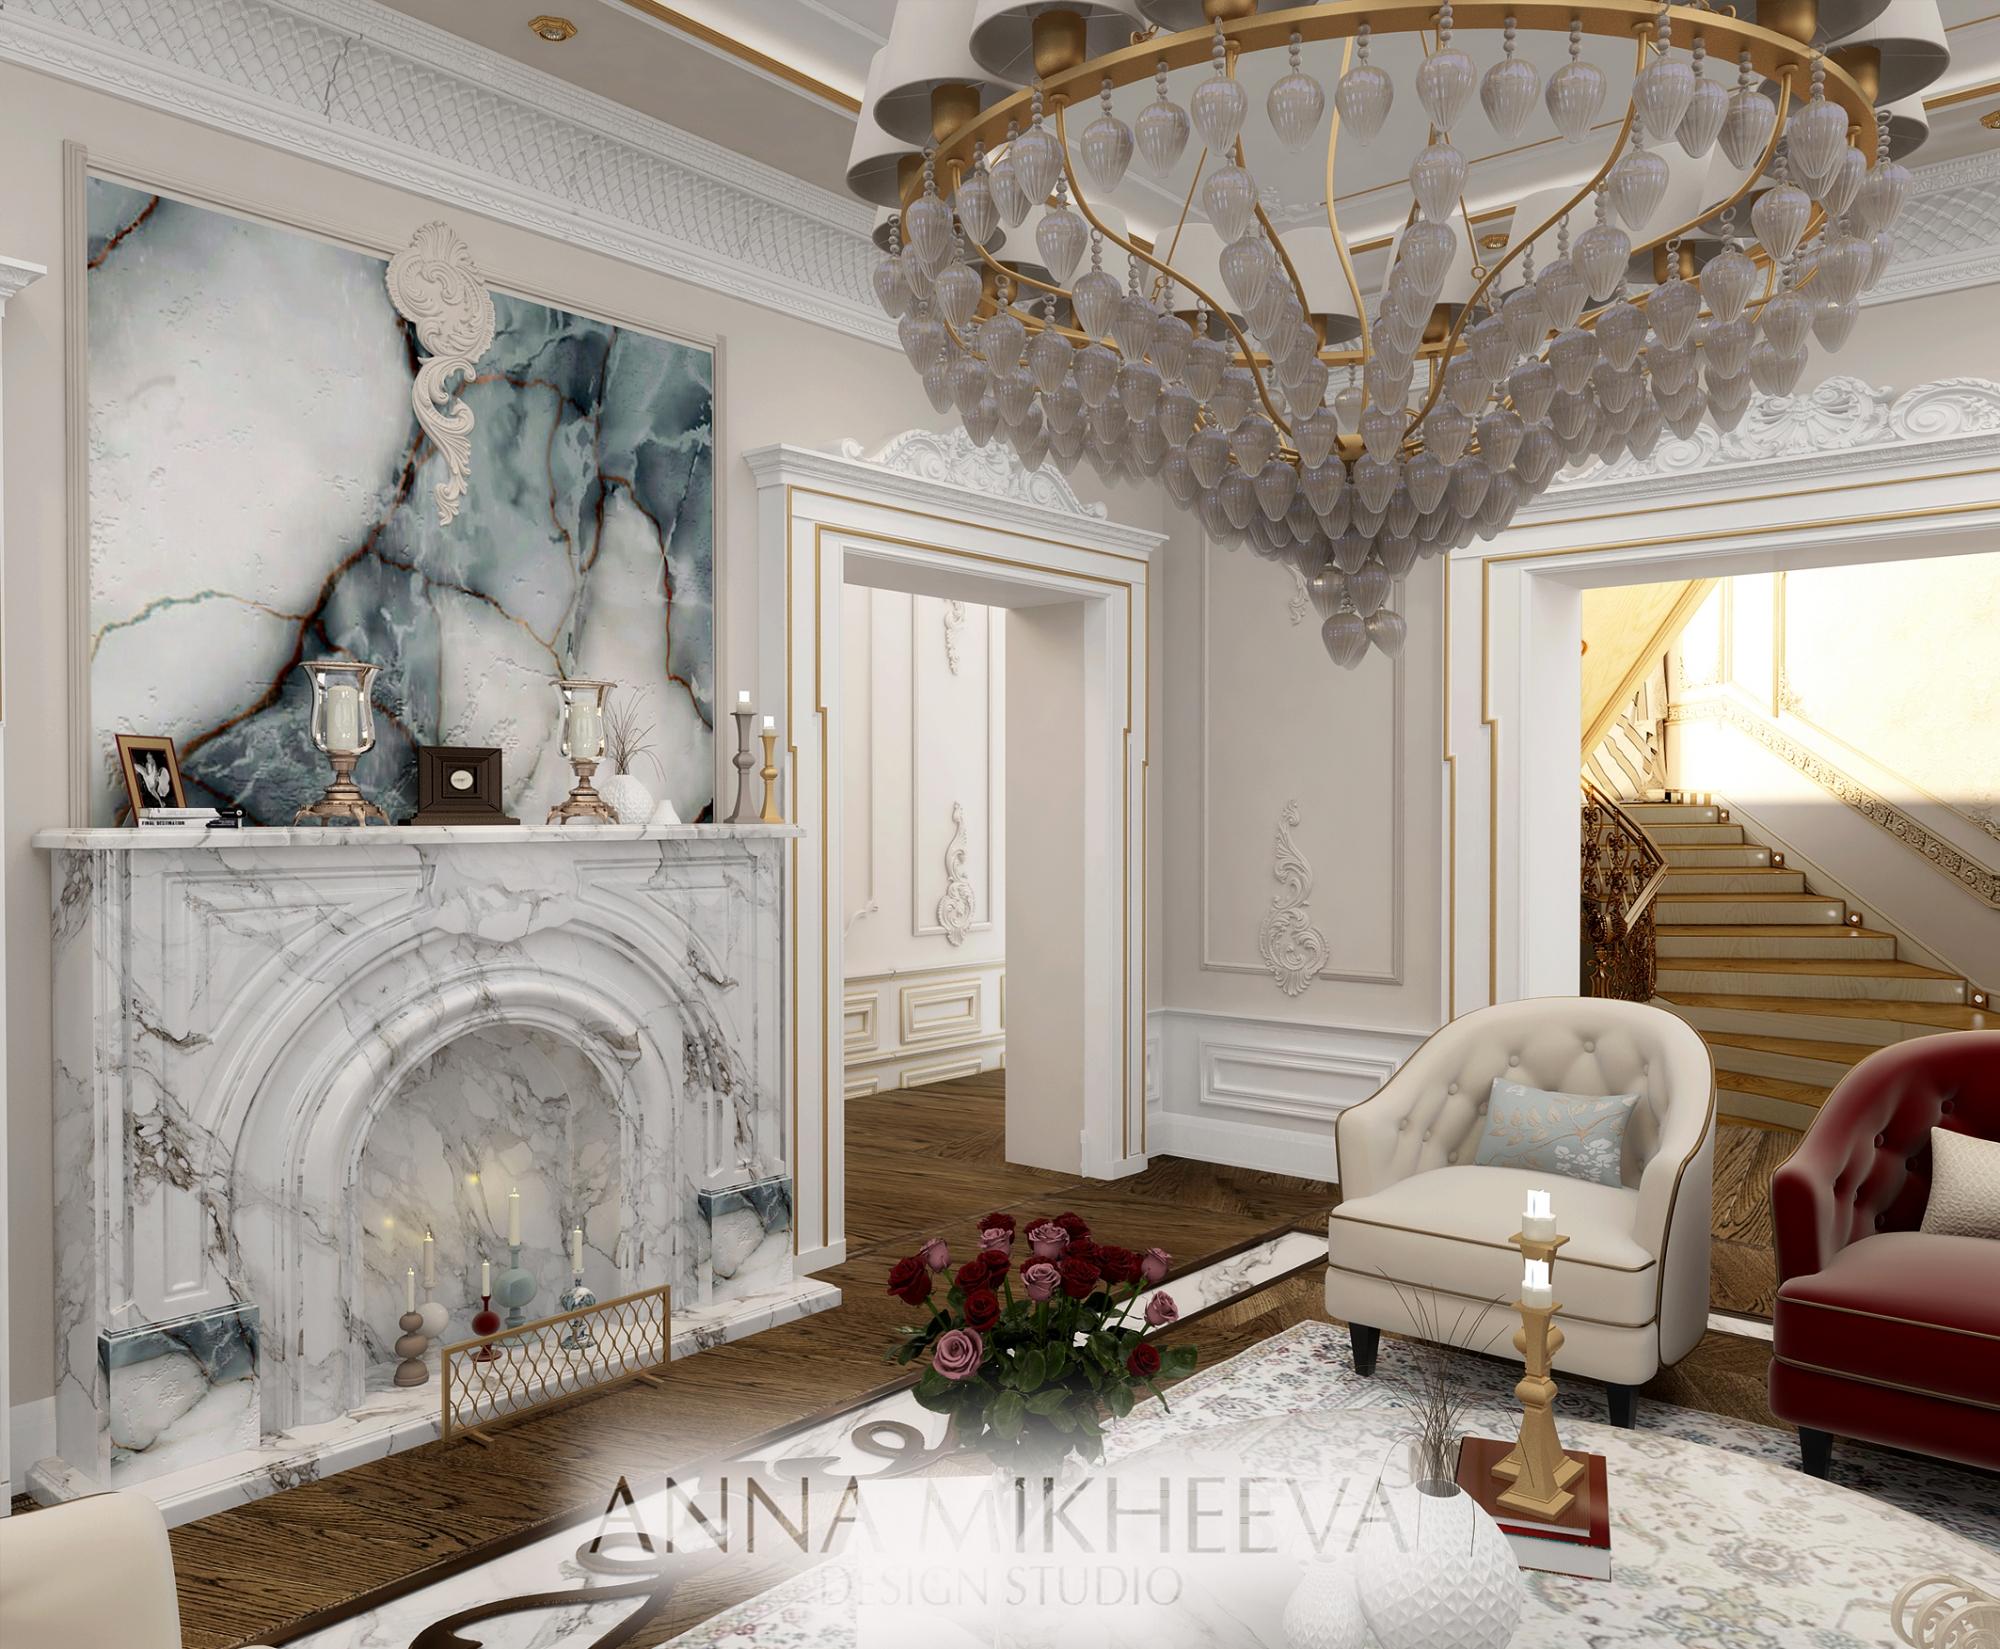 Дизайн интерьера гостиной в классическом стиле. В Астане. Фото.